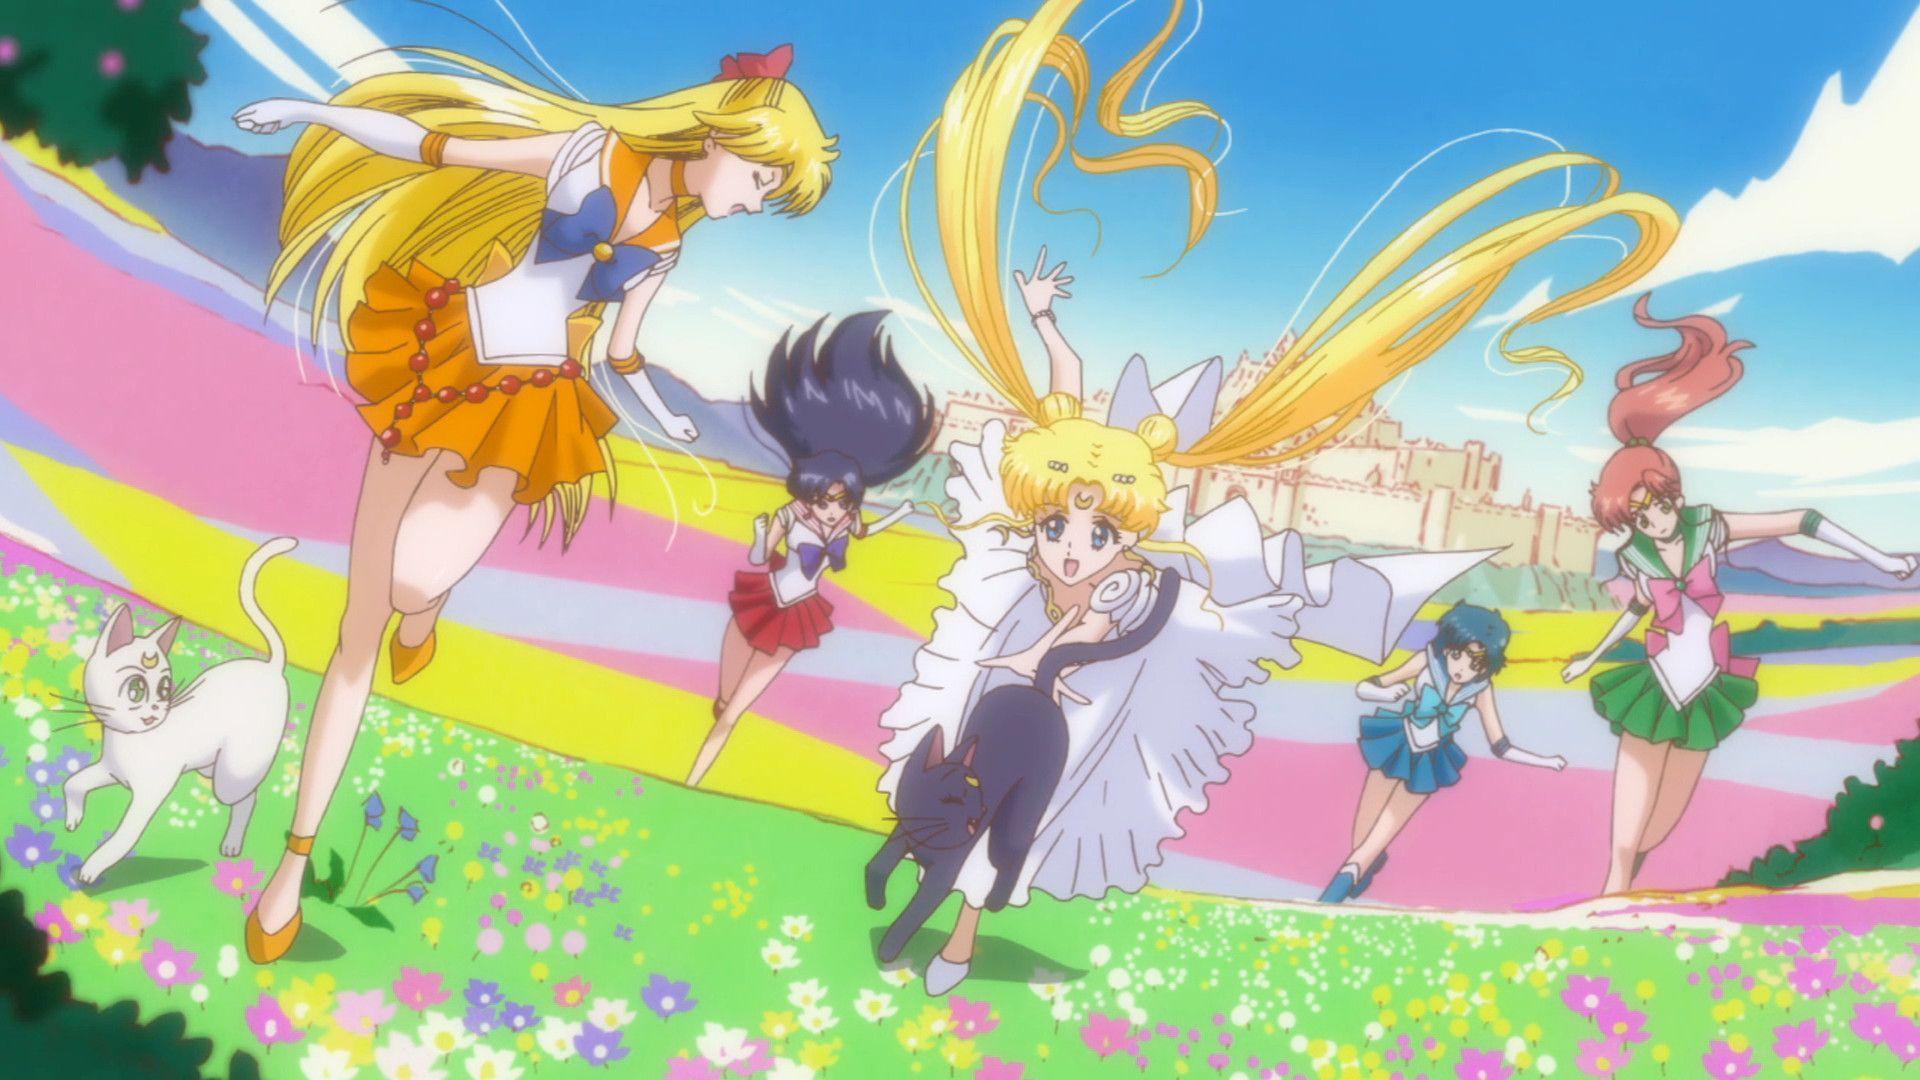 Sailor Moon Aesthetic Desktop Wallpapers Top Free Sailor Moon Aesthetic Desktop Backgrounds Wallpaperaccess